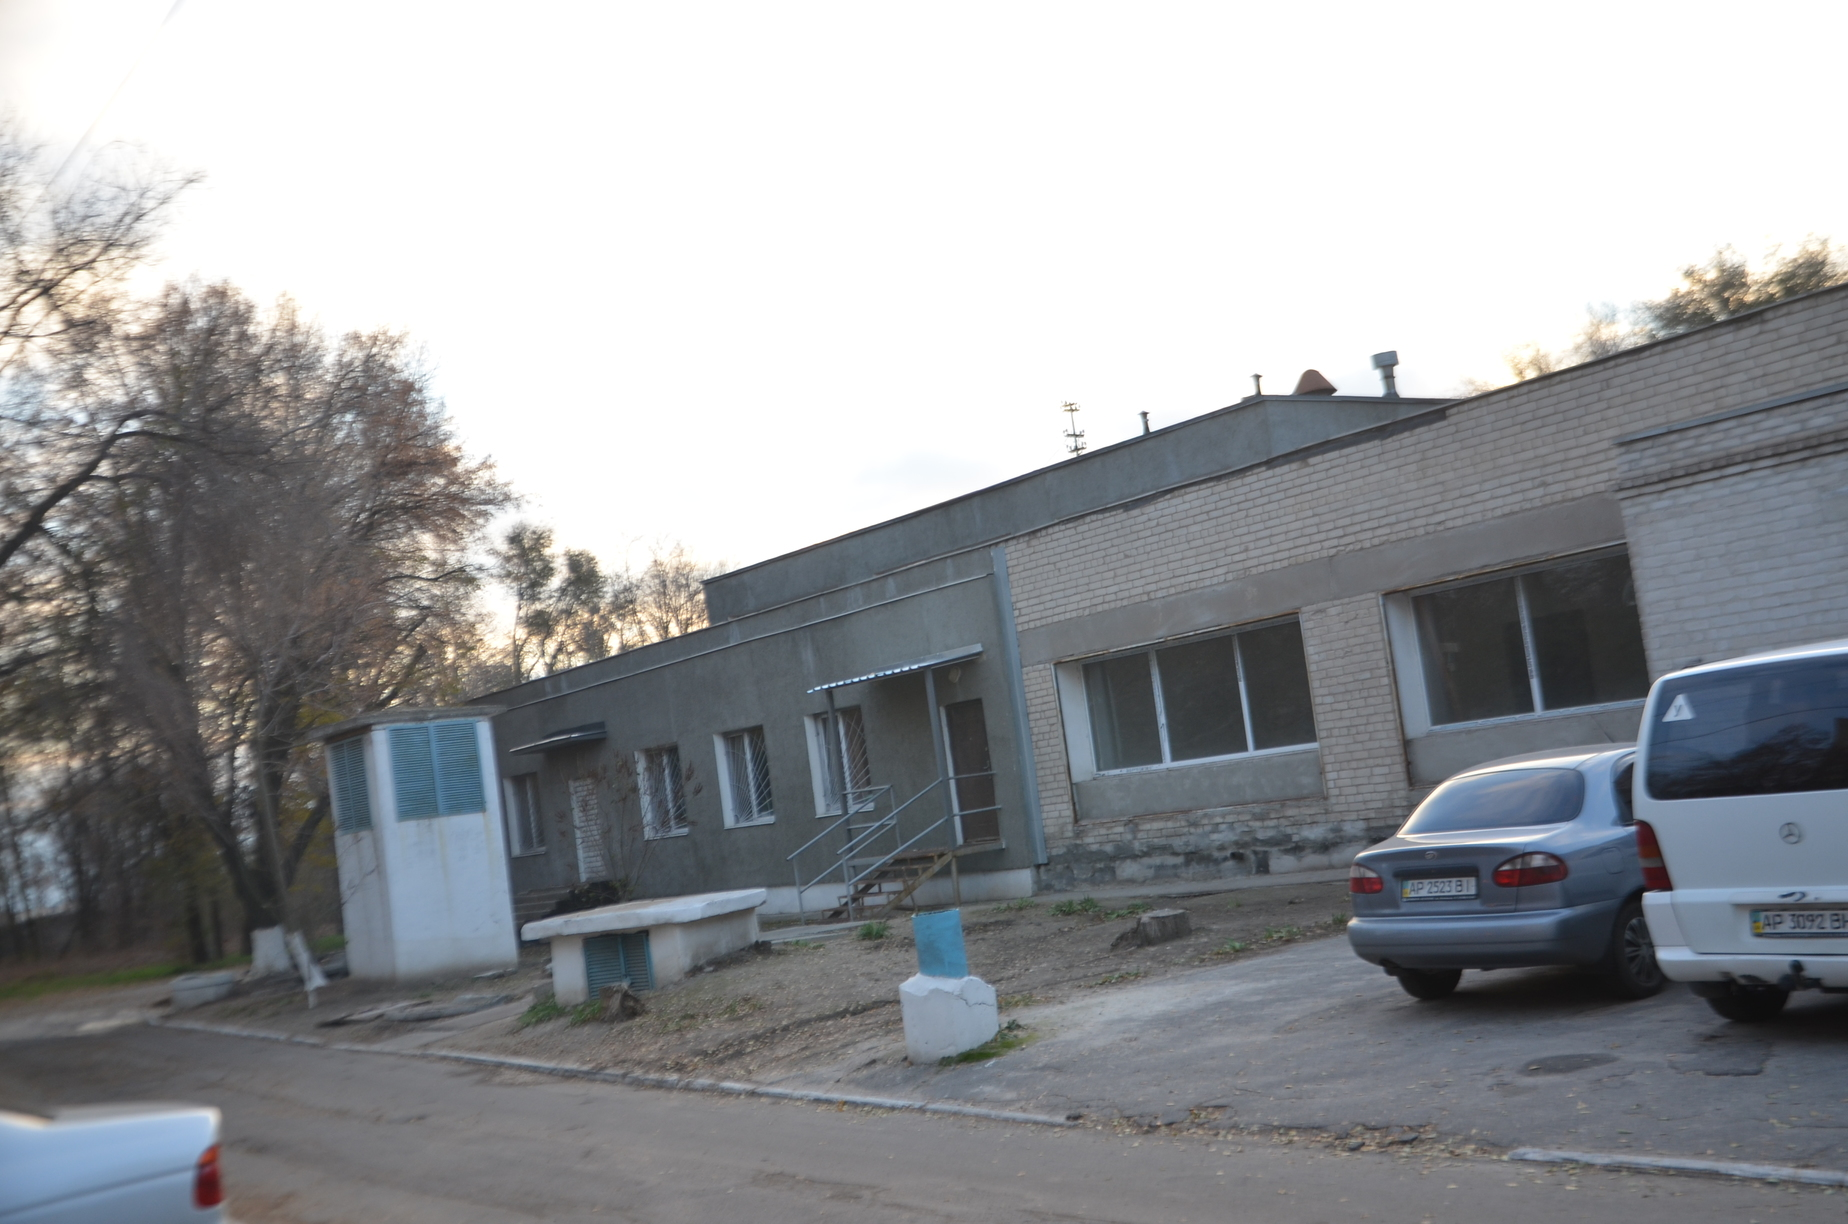 Одиннадцать лет реконструкции и десятки миллионов бюджетных средств: что происходит с пищеблоком Запорожской областной больницы – ФОТО